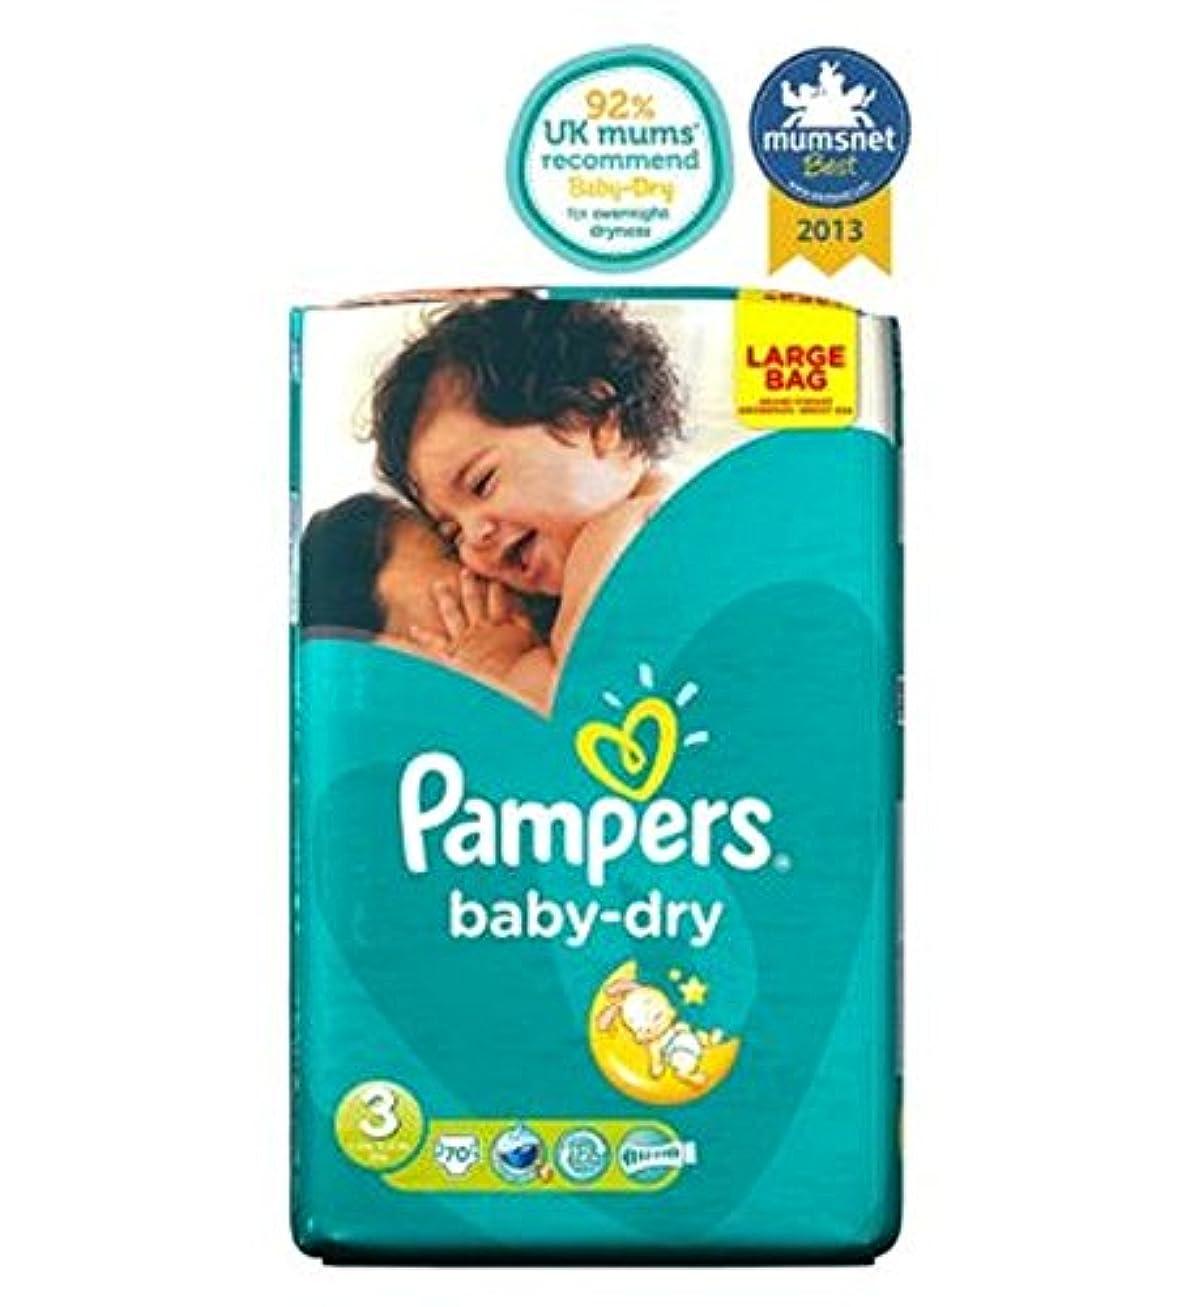 傑出した希少性目立つPampers Baby-Dry Nappies Size 3 Large Ba70 Nappies - パンパースベビードライおむつサイズ3大Ba70おむつ (Pampers) [並行輸入品]